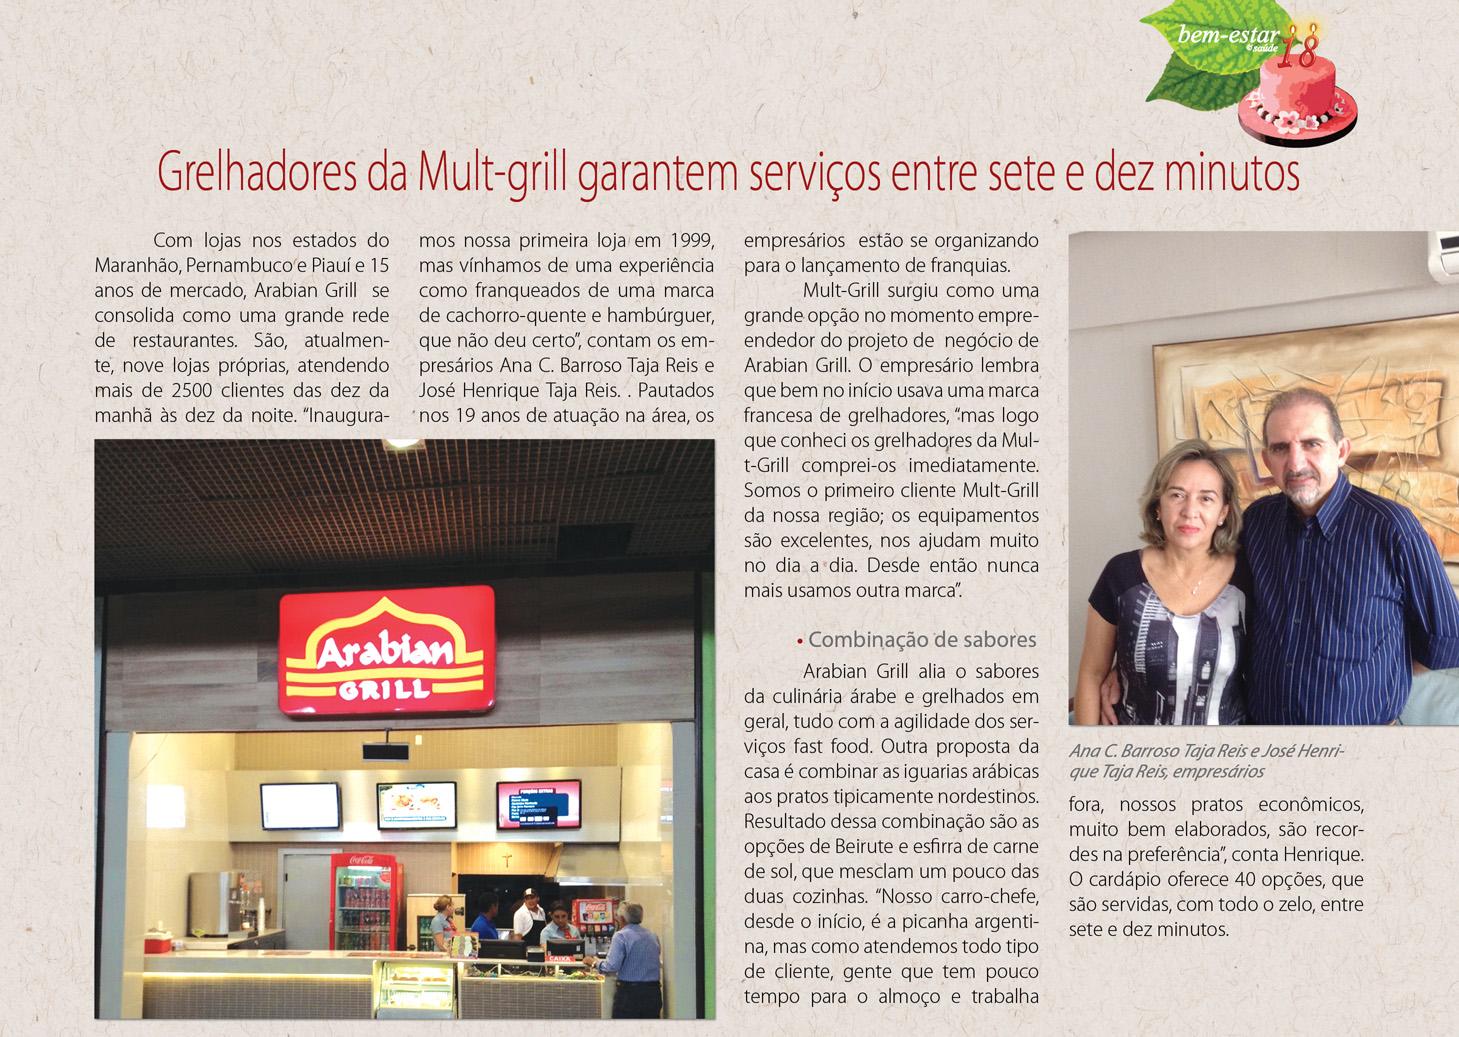 Mais uma parceria de SUCESSO, matéria com nossos clientes e amigos Ana e Henrique Tajra do Arabian Grill